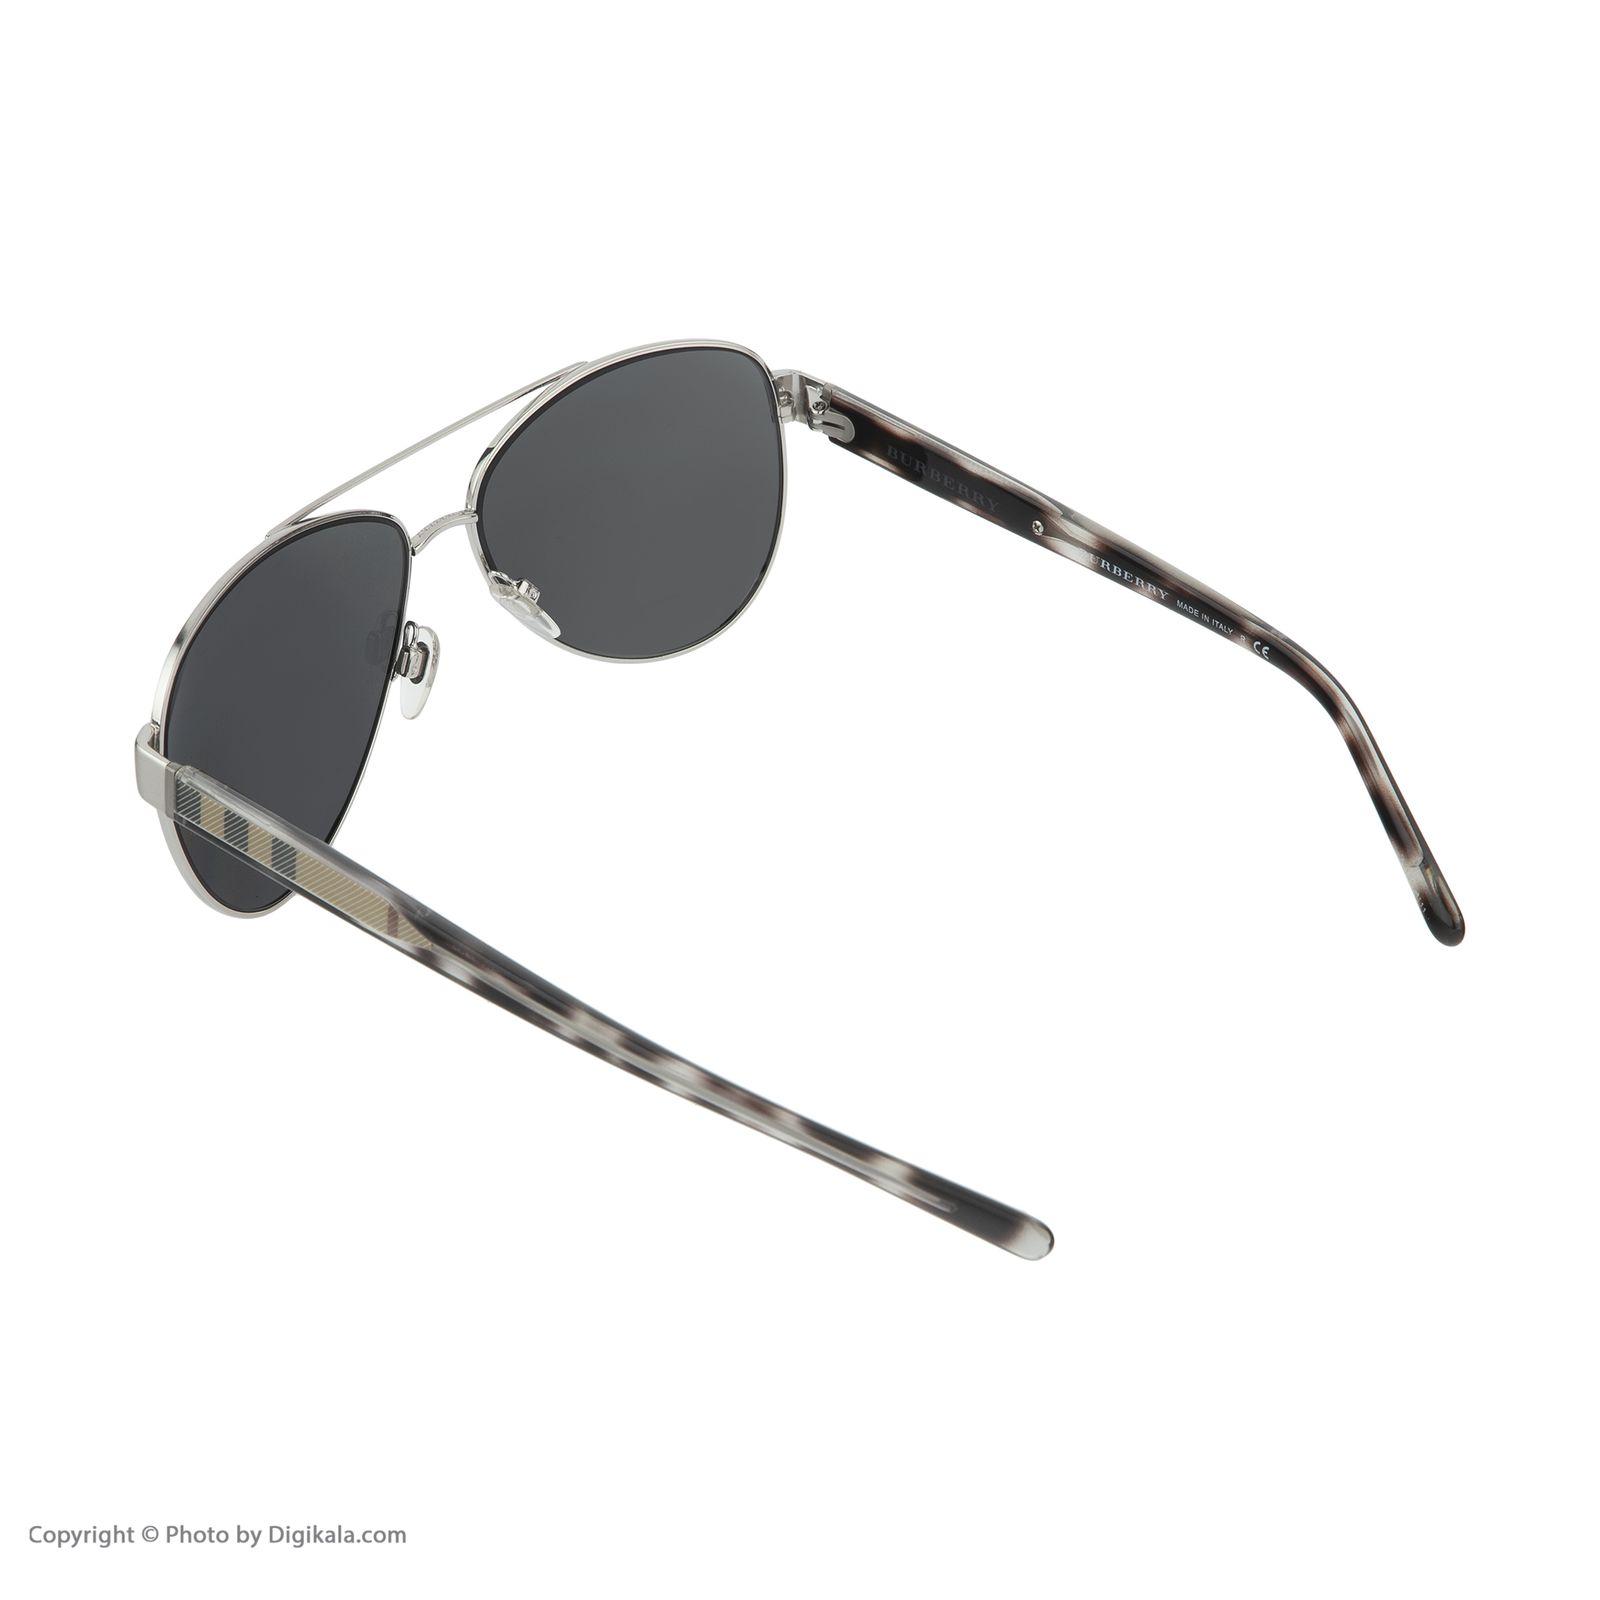 عینک آفتابی زنانه بربری مدل BE 3084S 122987 60 -  - 4